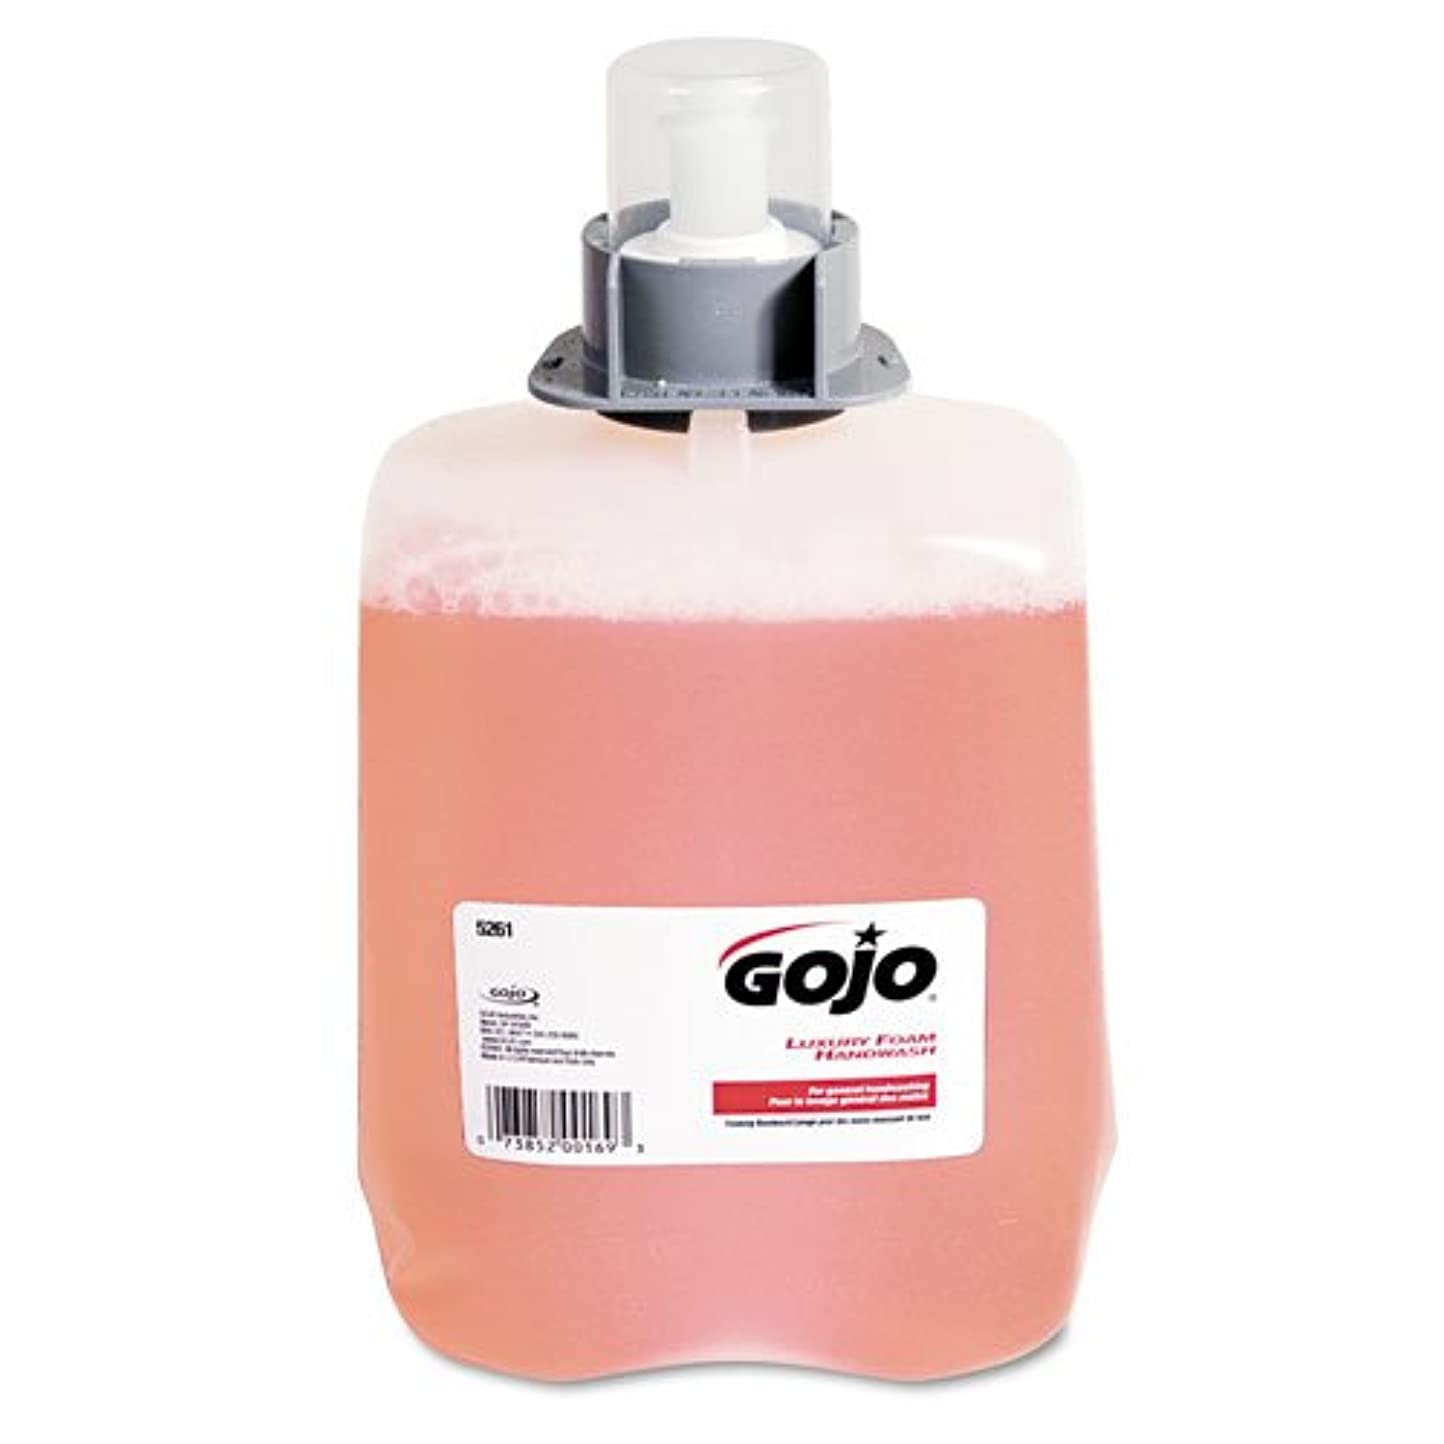 ラバアカデミックジェットGOJO ®ラグジュアリーFoam Hand Wash Refill for fmx-20ディスペンサー、クランベリー香り、2 / Ctn